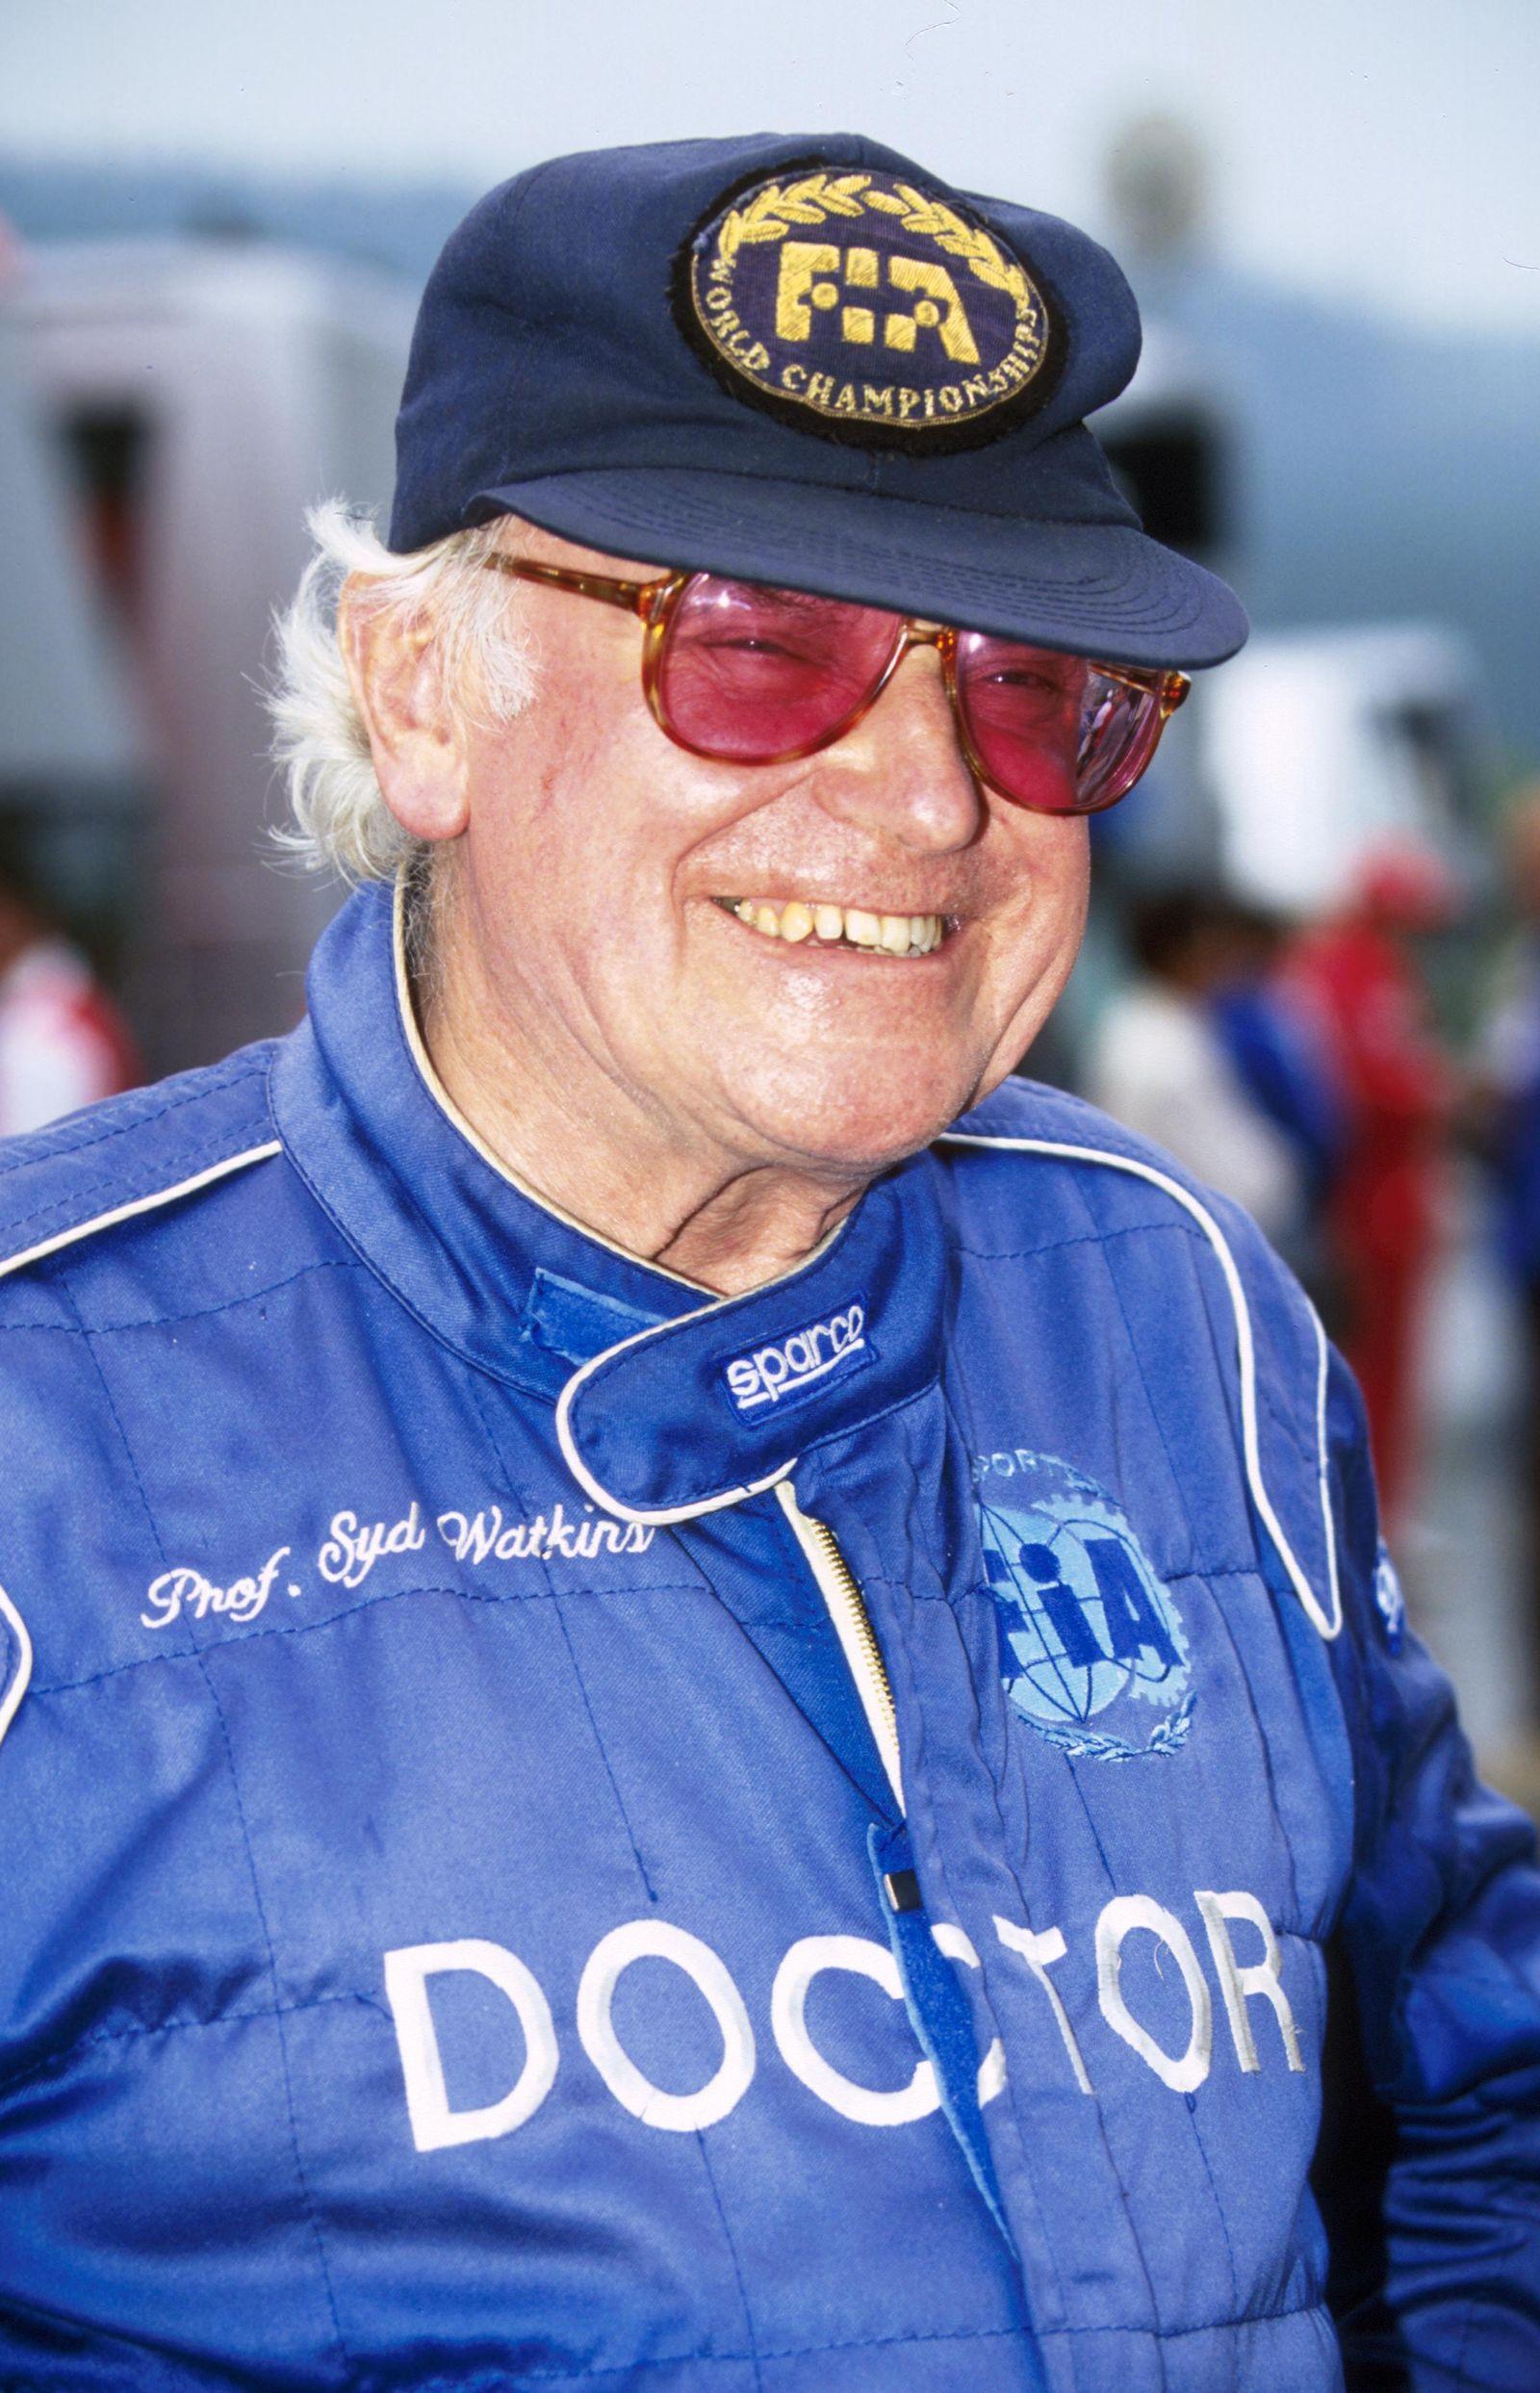 NICHT MEHR VERWENDEN! - Sid Watkins / Formel 1